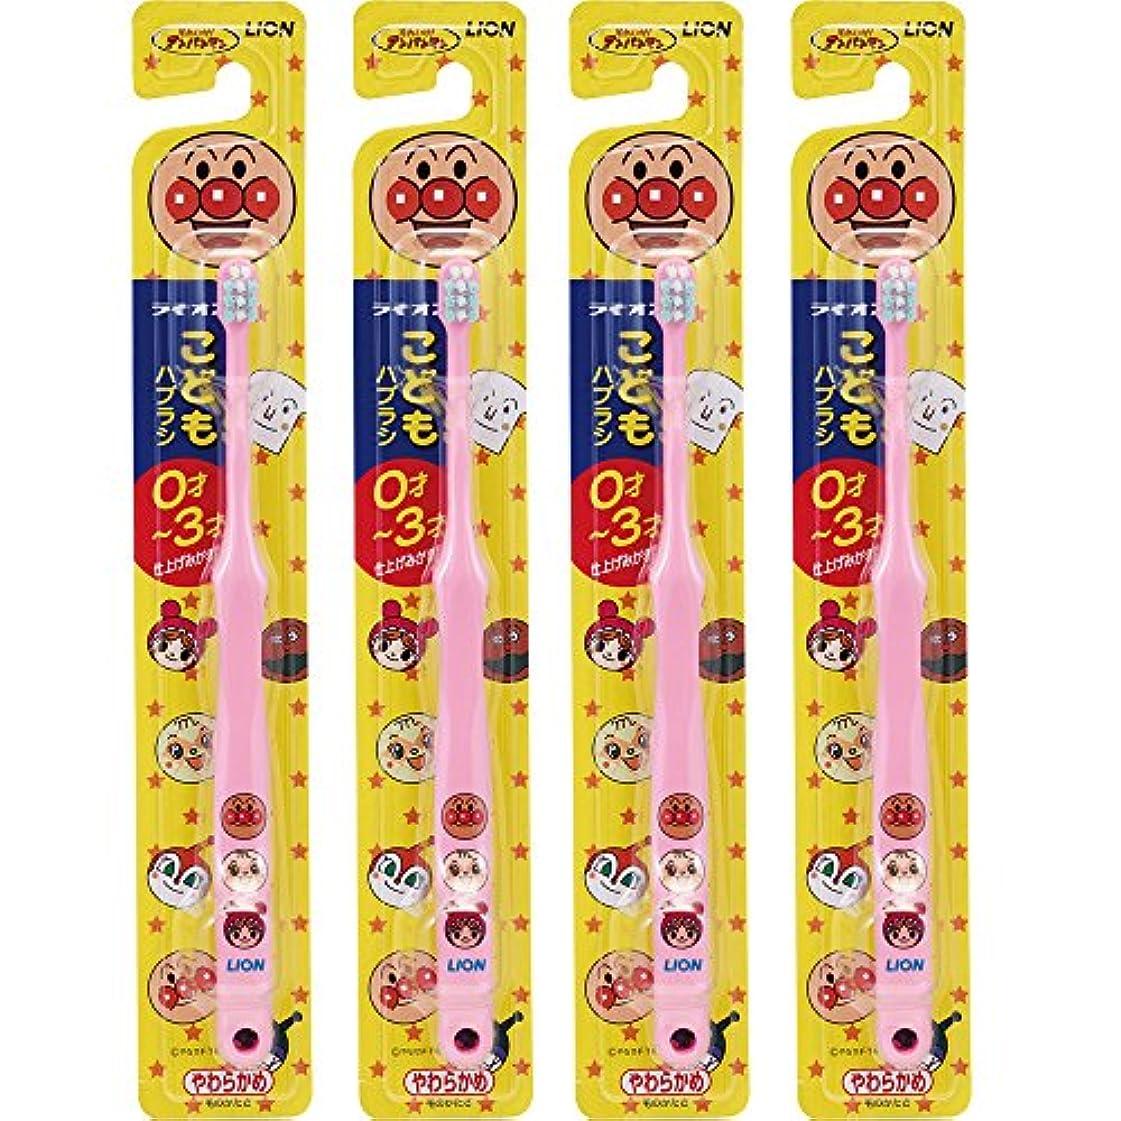 ホールモディッシュきゅうりこどもハブラシ 0-3才用 アンパンマン ピンク 4本パック